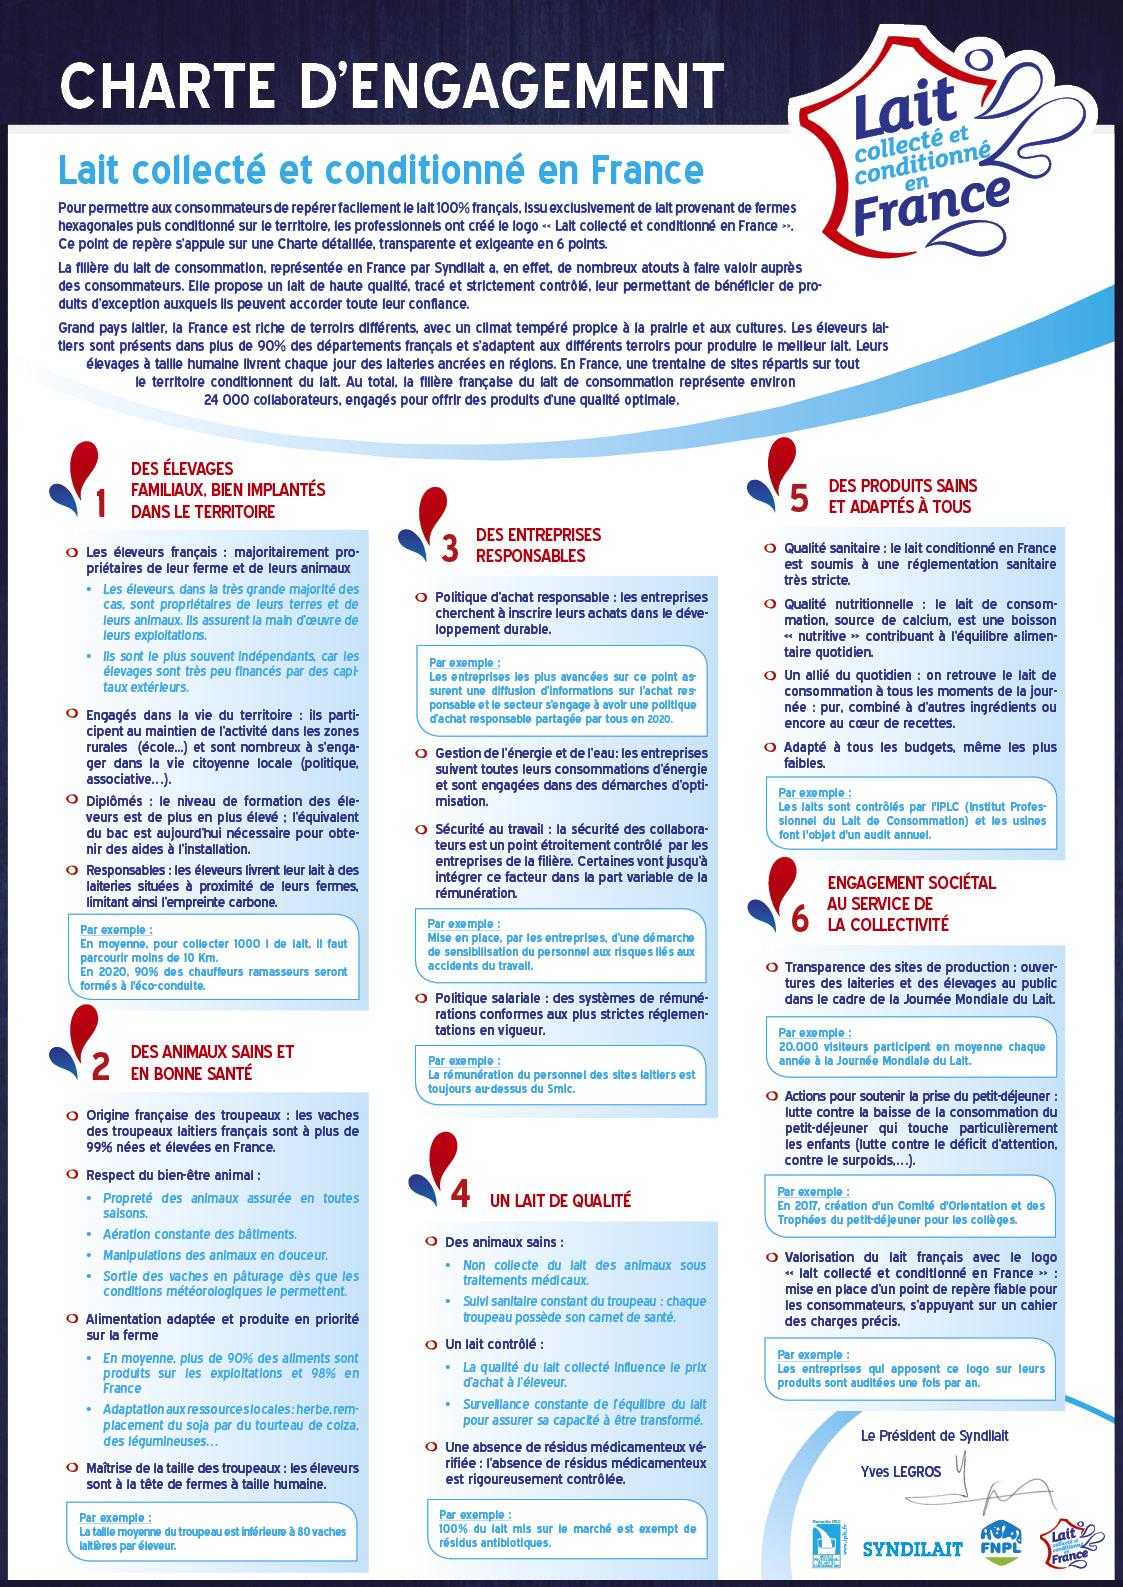 Charte d'engagement 2018